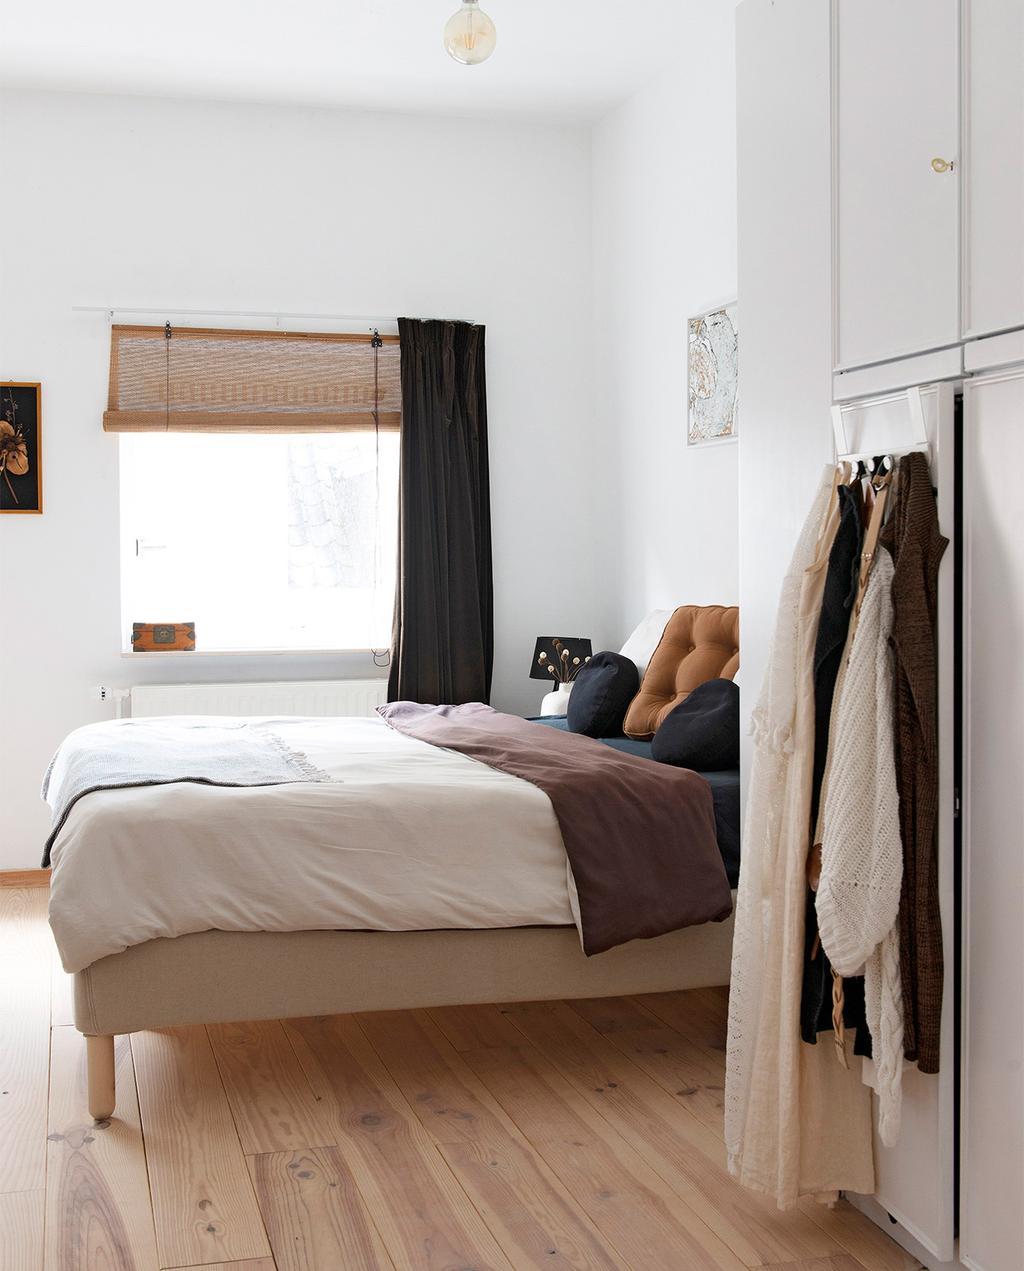 vtwonen 08-2021 | bed in de slaapkamer met bruine kleuren